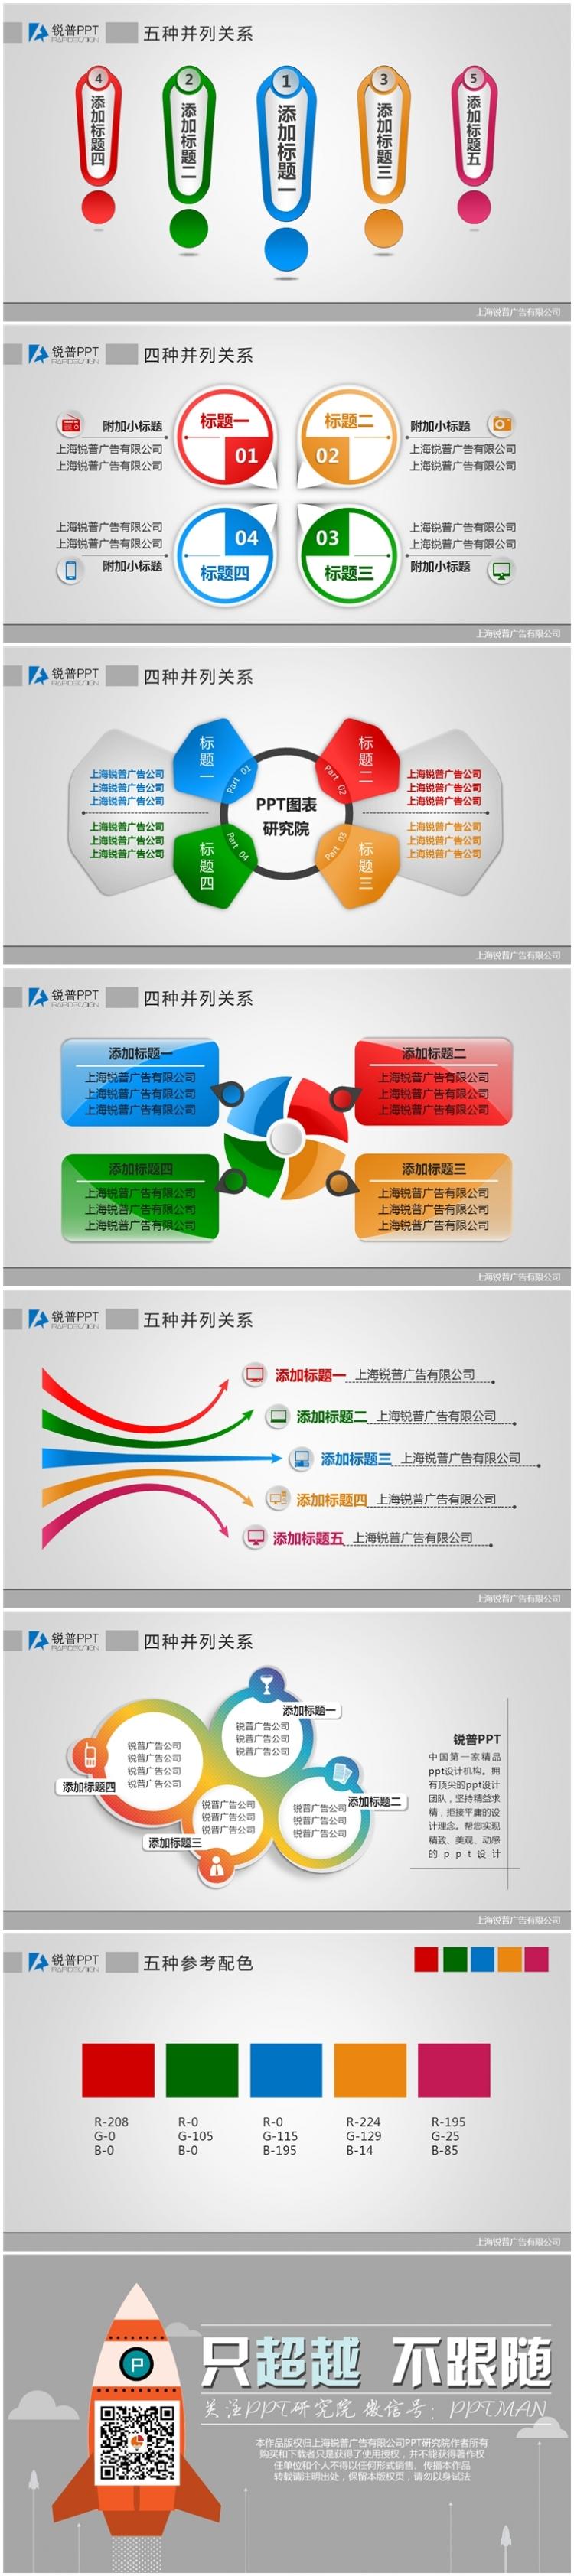 并列关系ppt图表 - 演界网